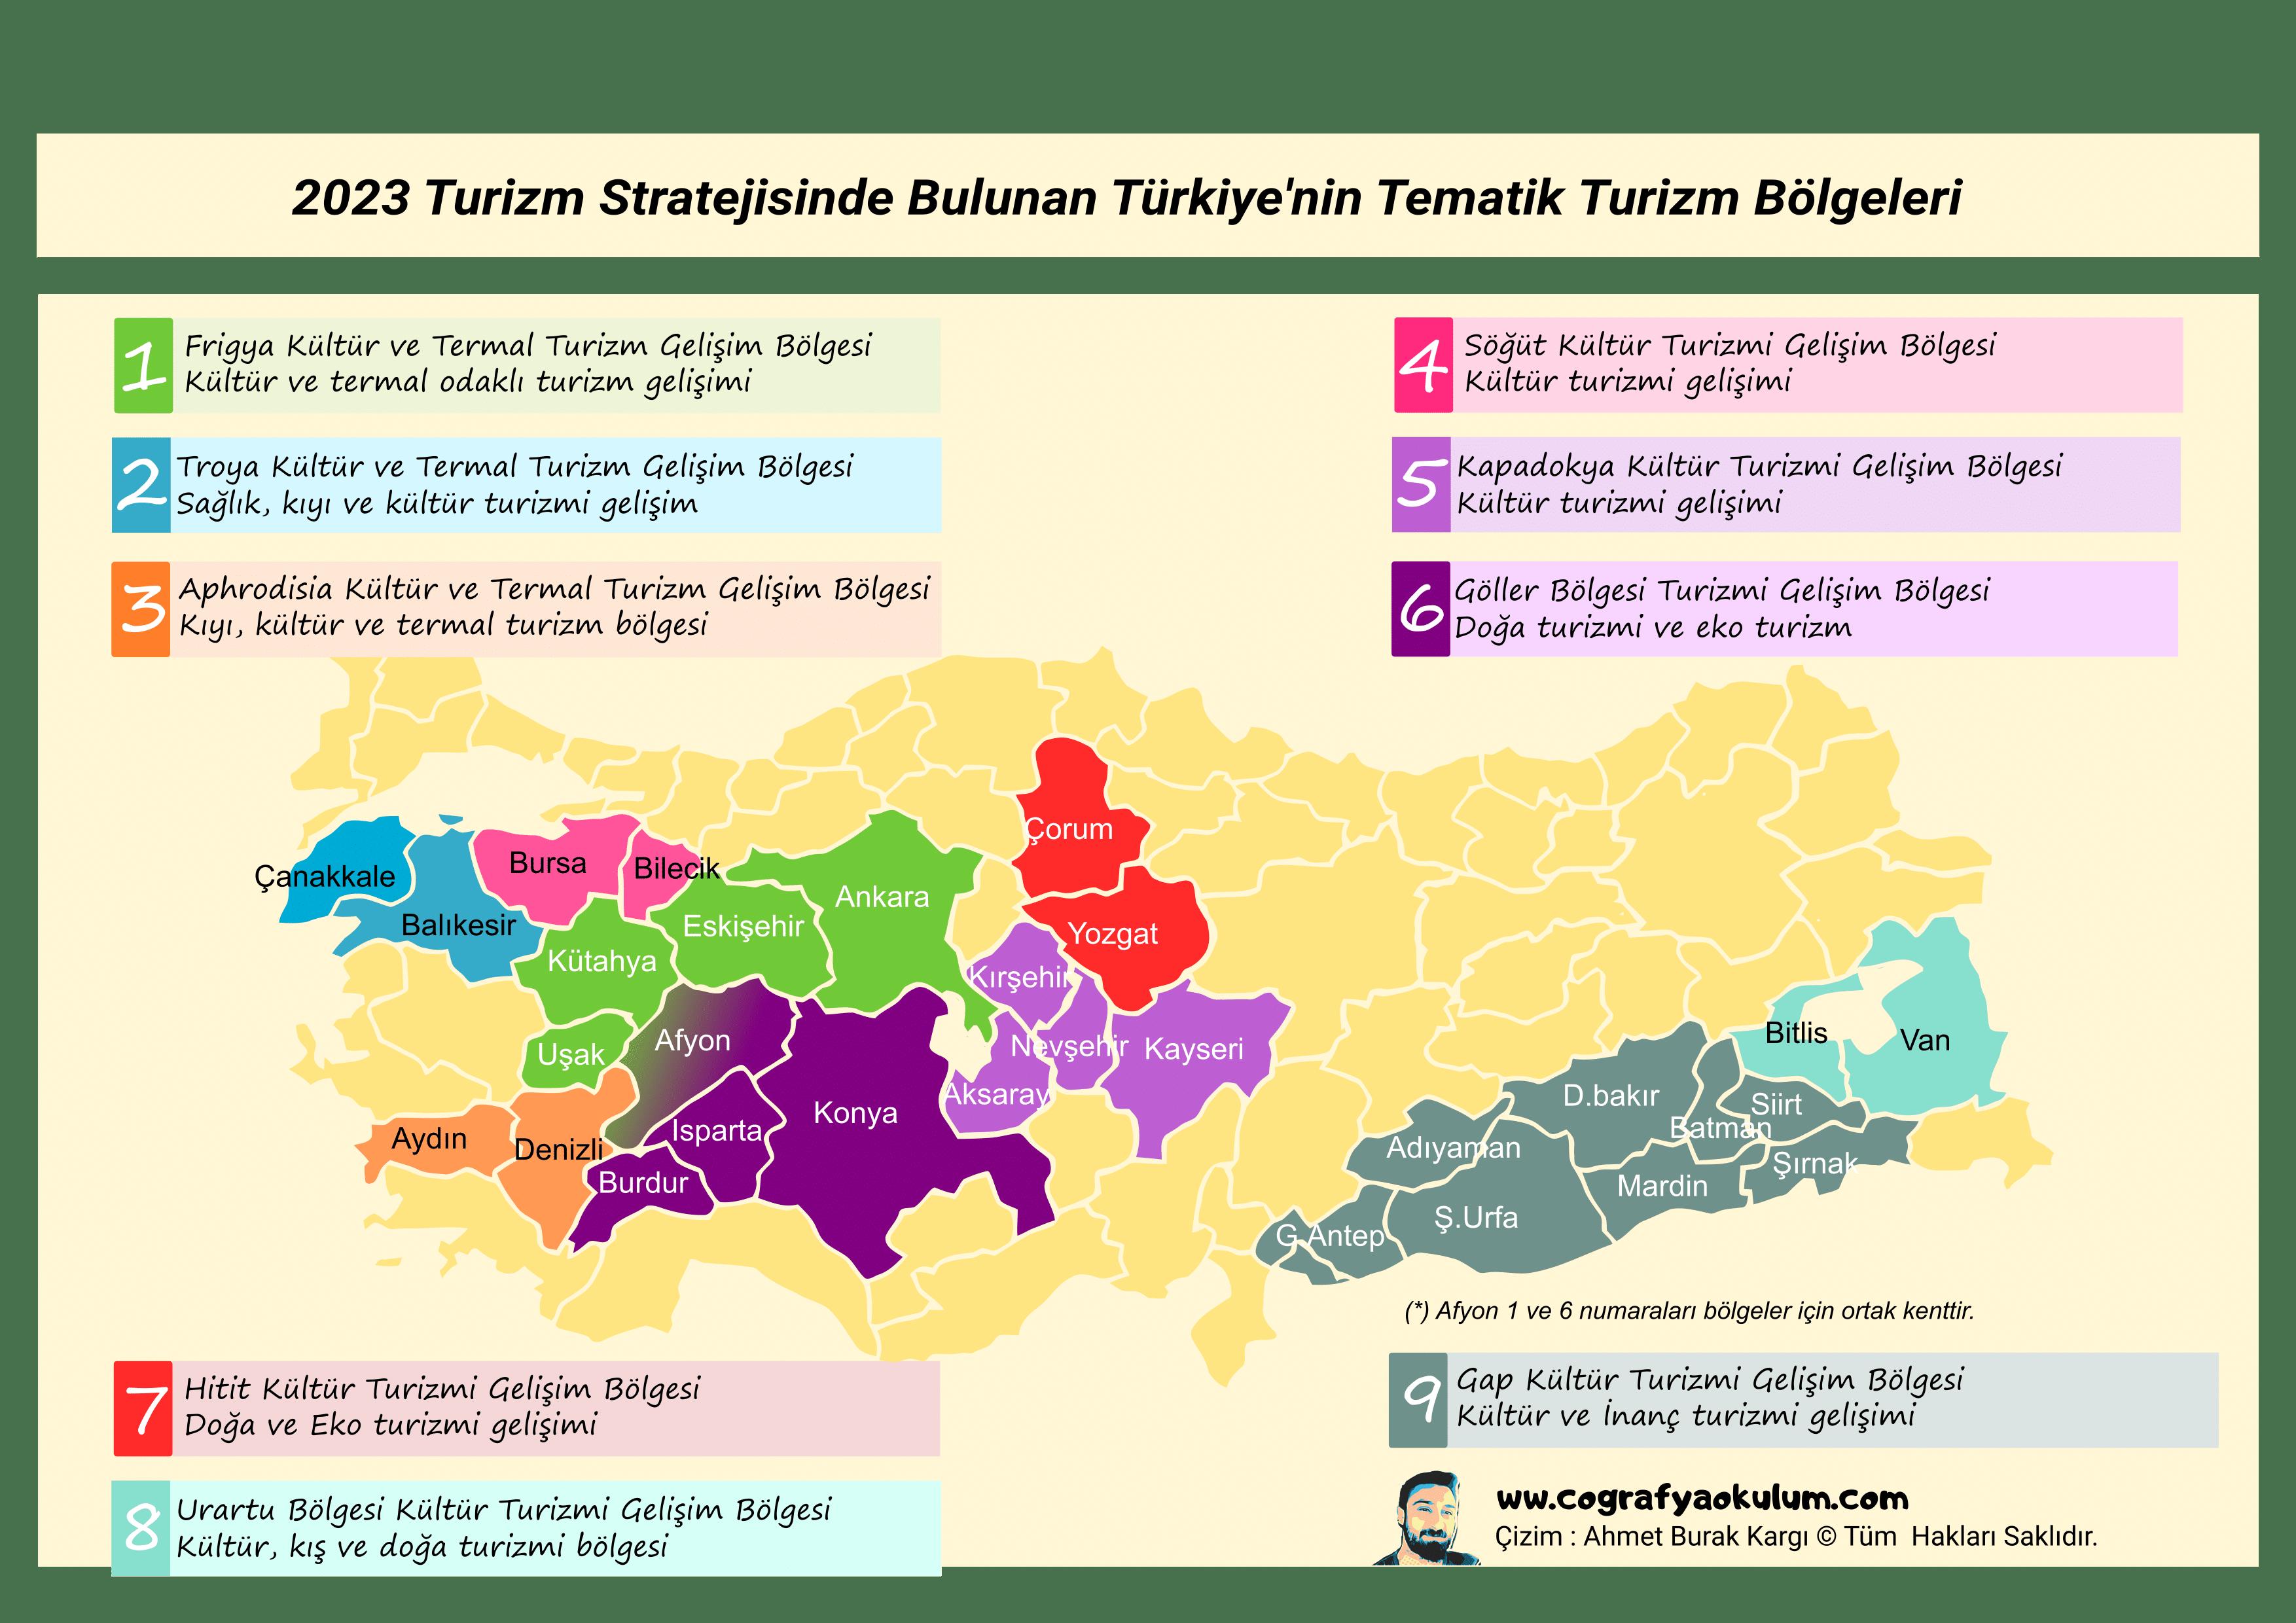 Türkiye'nin 2023 Turizm Stratejisi Hedefleri (2020) 1